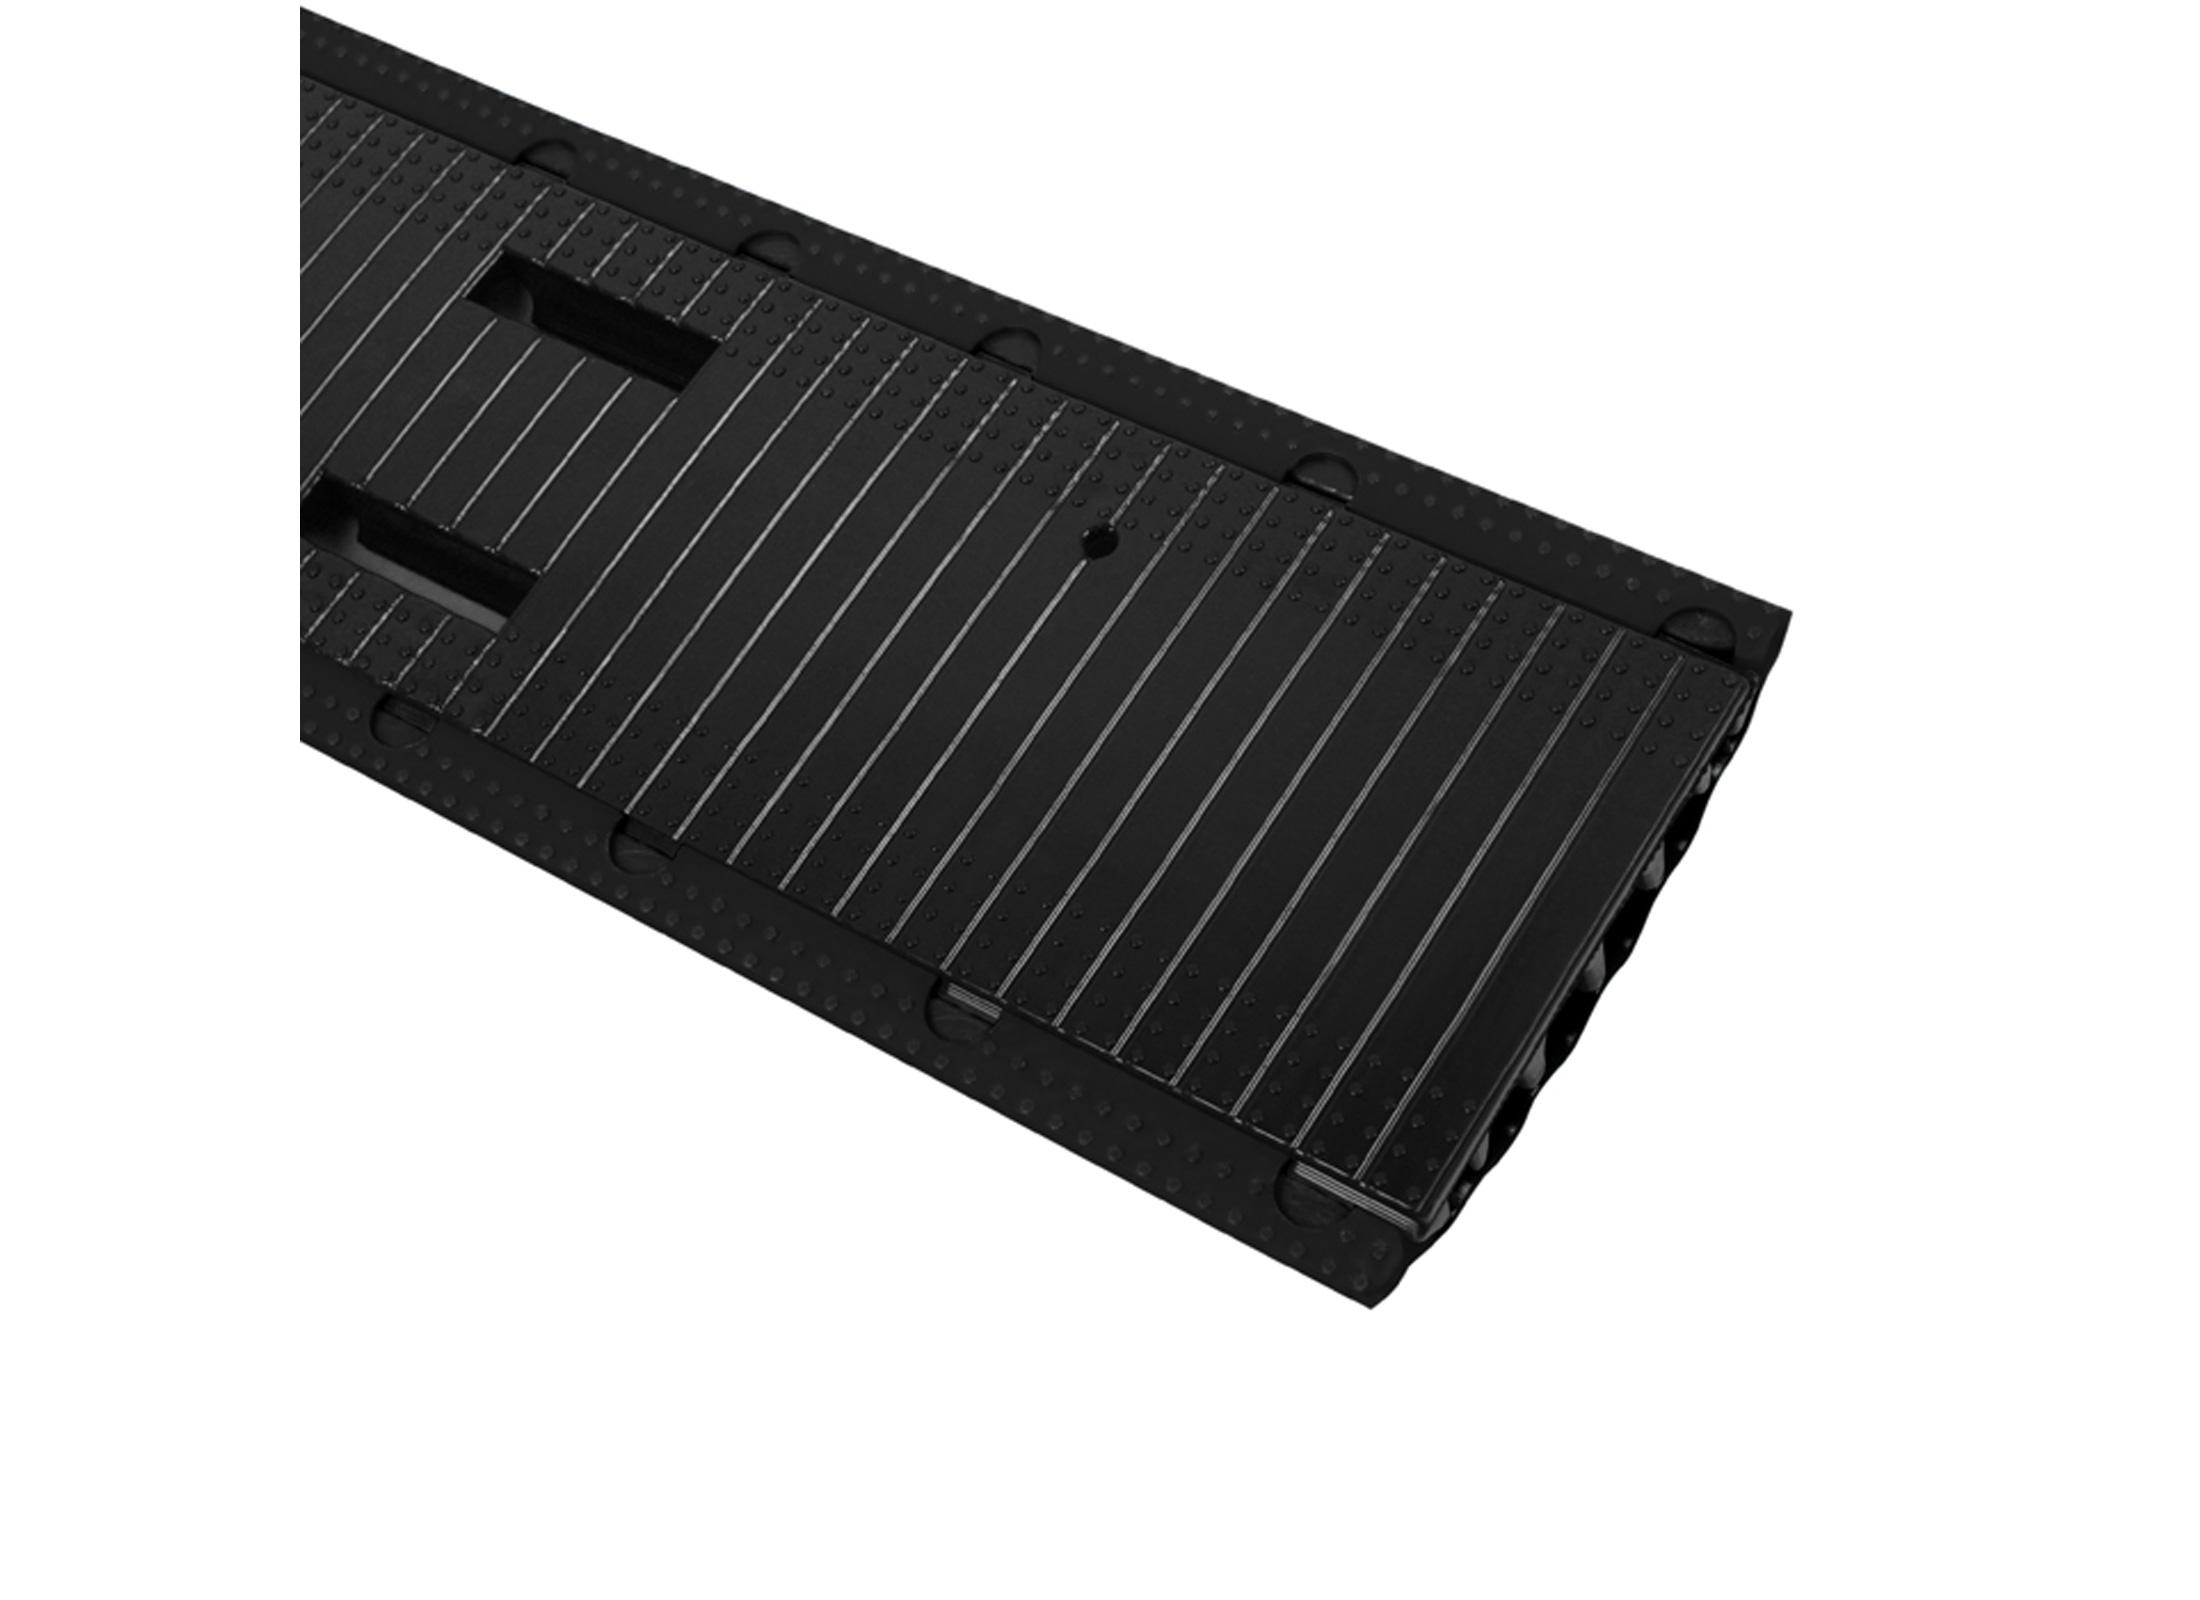 defender office kabelbr cke grau g nstig online kaufen bei huss licht ton. Black Bedroom Furniture Sets. Home Design Ideas